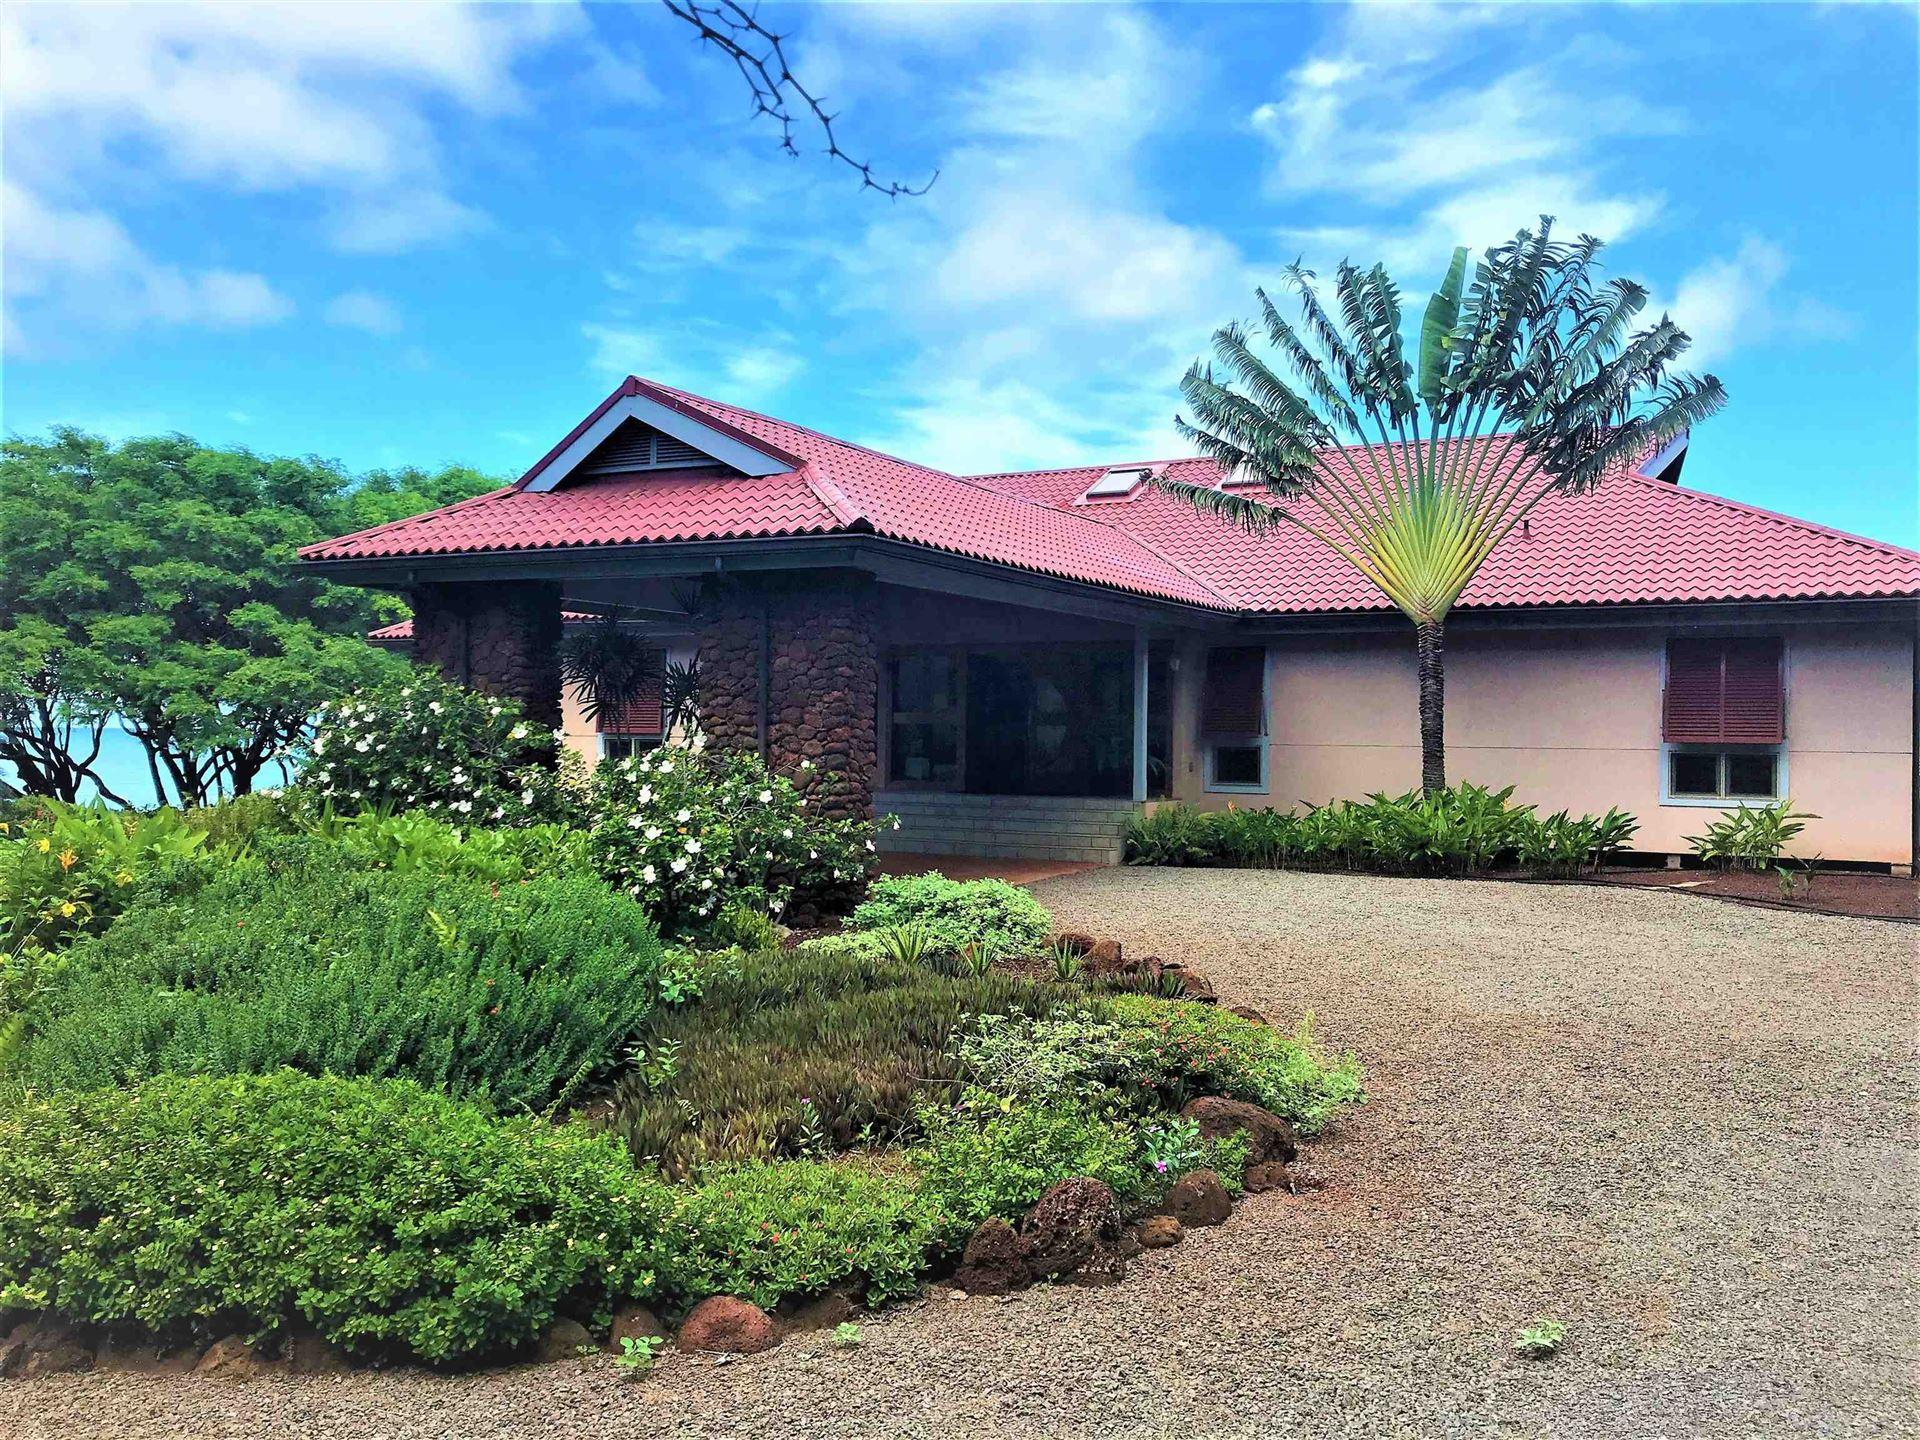 Photo of 4670 Pohakuloa Rd, Maunaloa, HI 96770 (MLS # 392870)